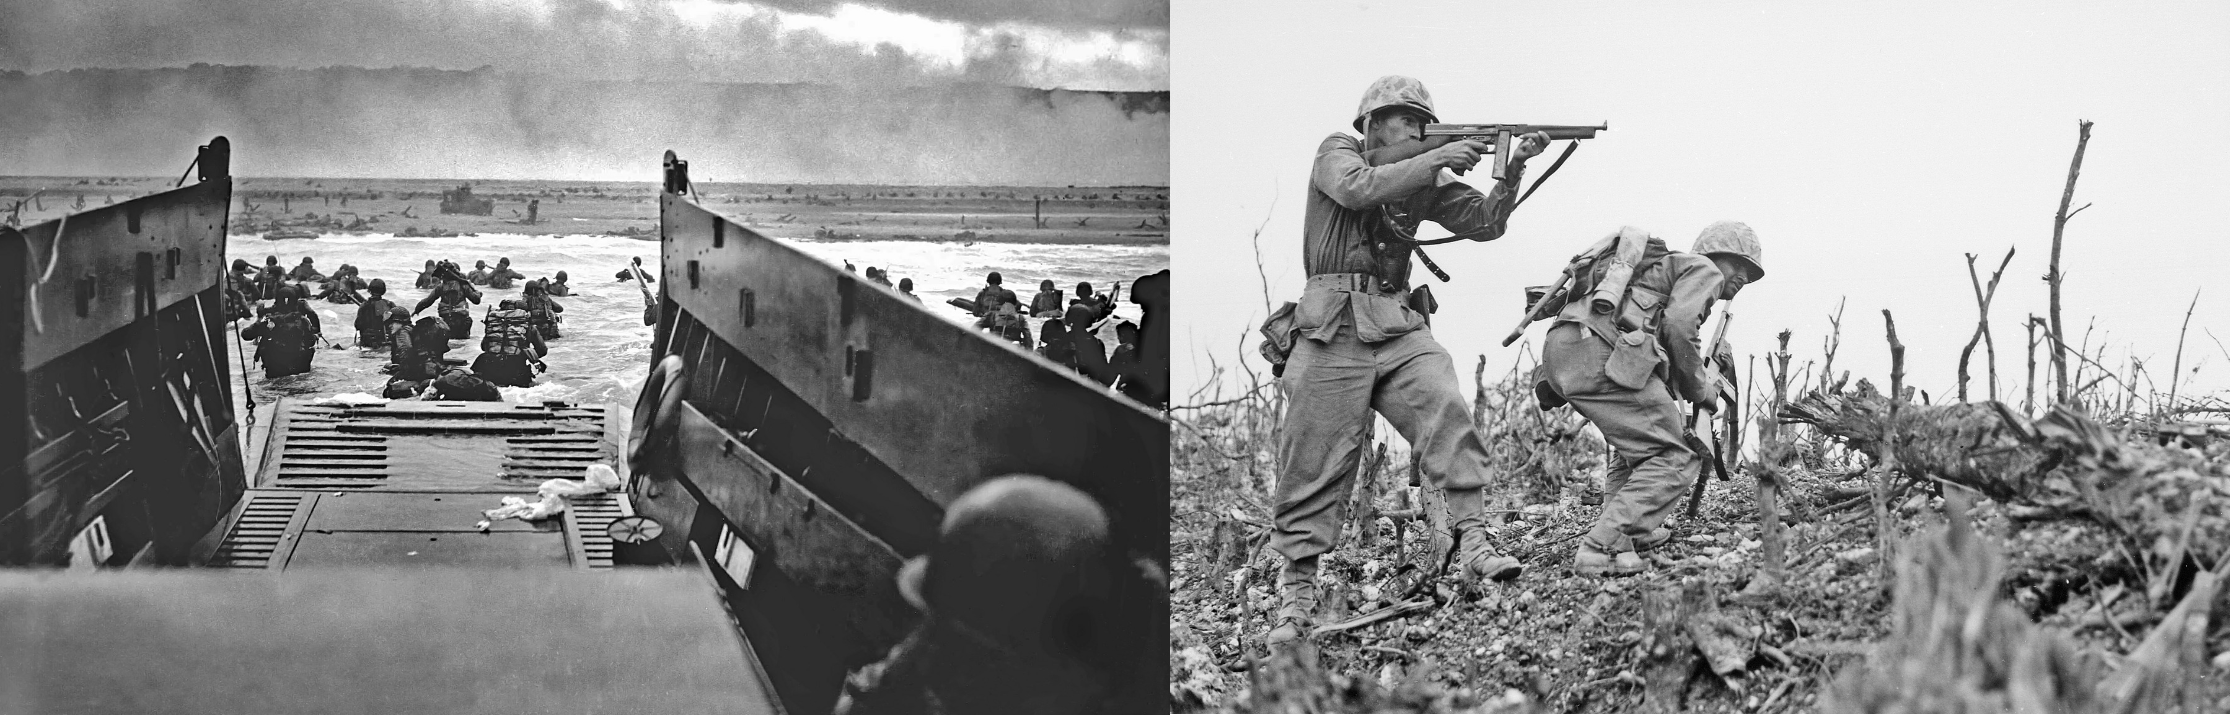 US WW2 riproduzione